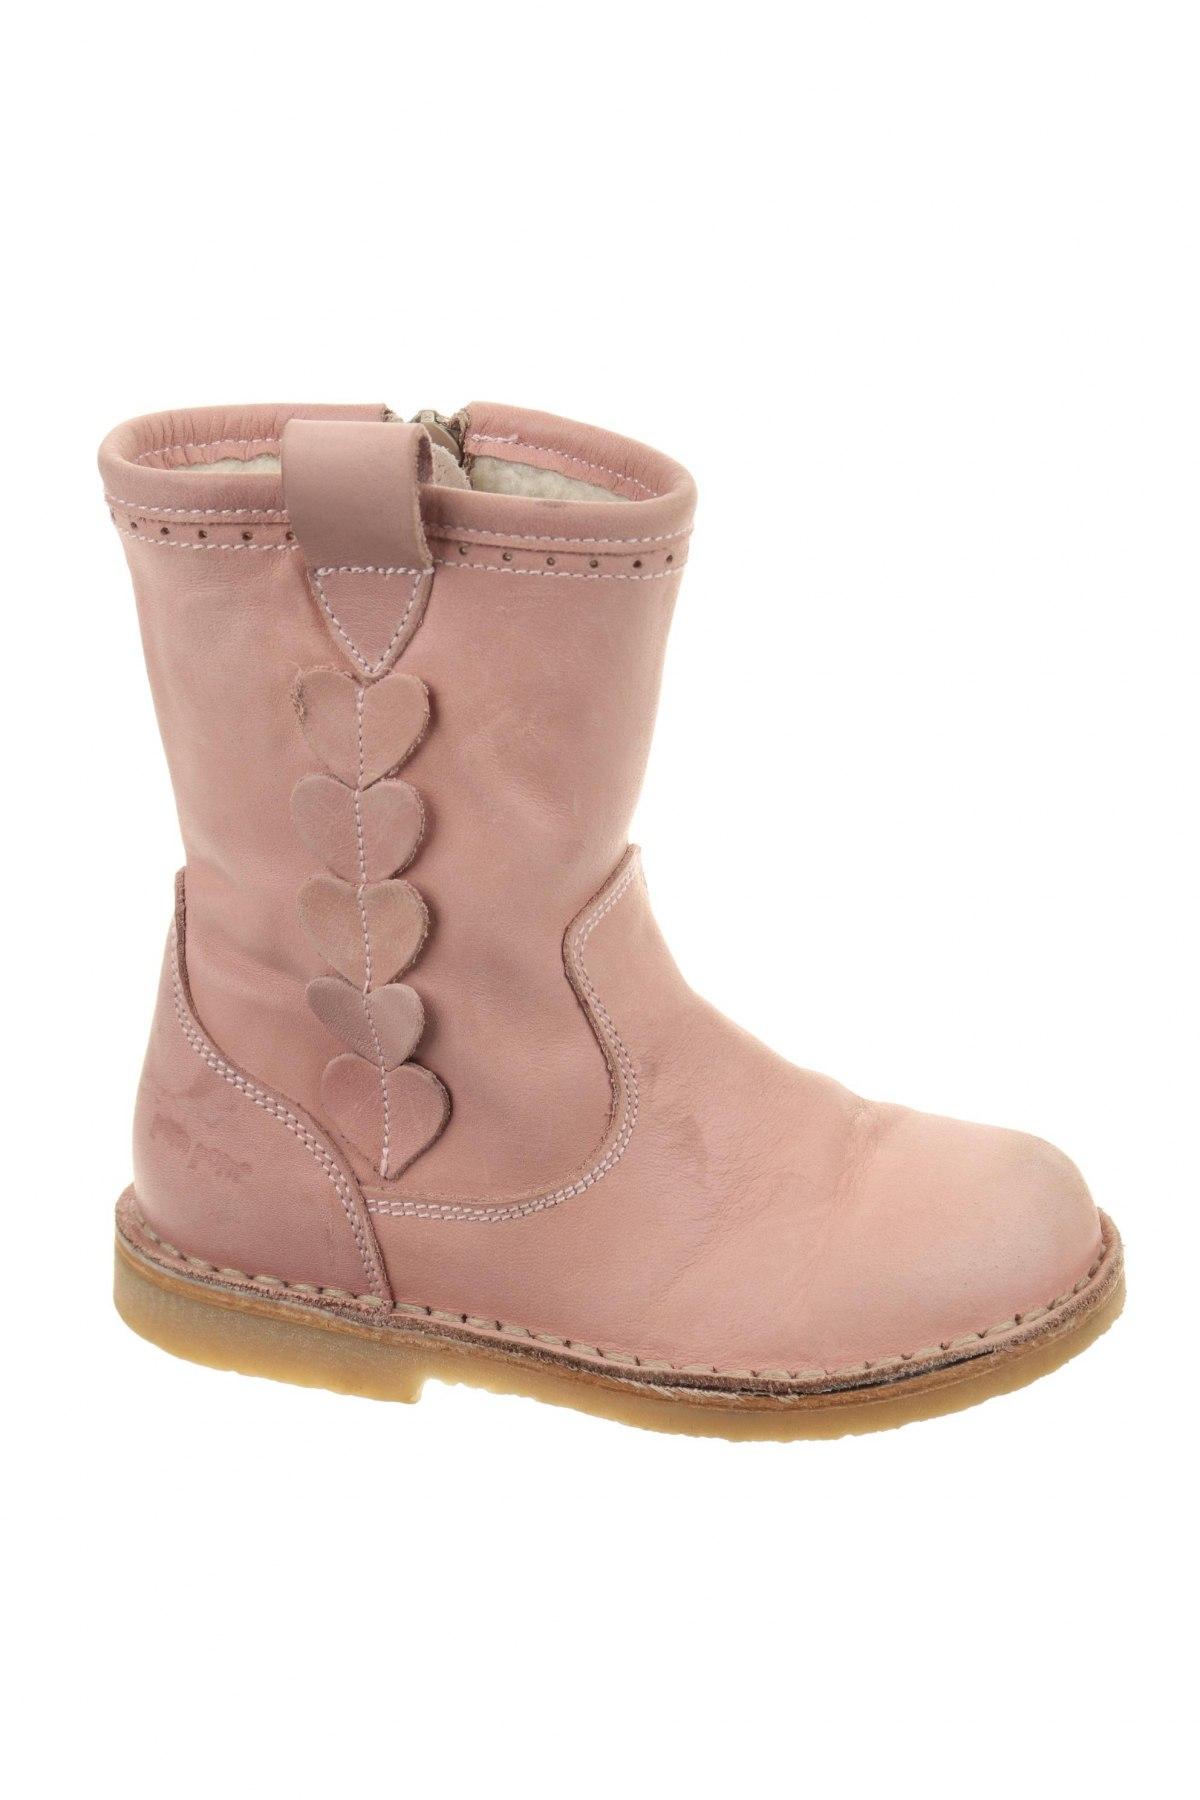 Παιδικά παπούτσια Pom Pom, Μέγεθος 25, Χρώμα Ρόζ , Γνήσιο δέρμα, Τιμή 36,48€